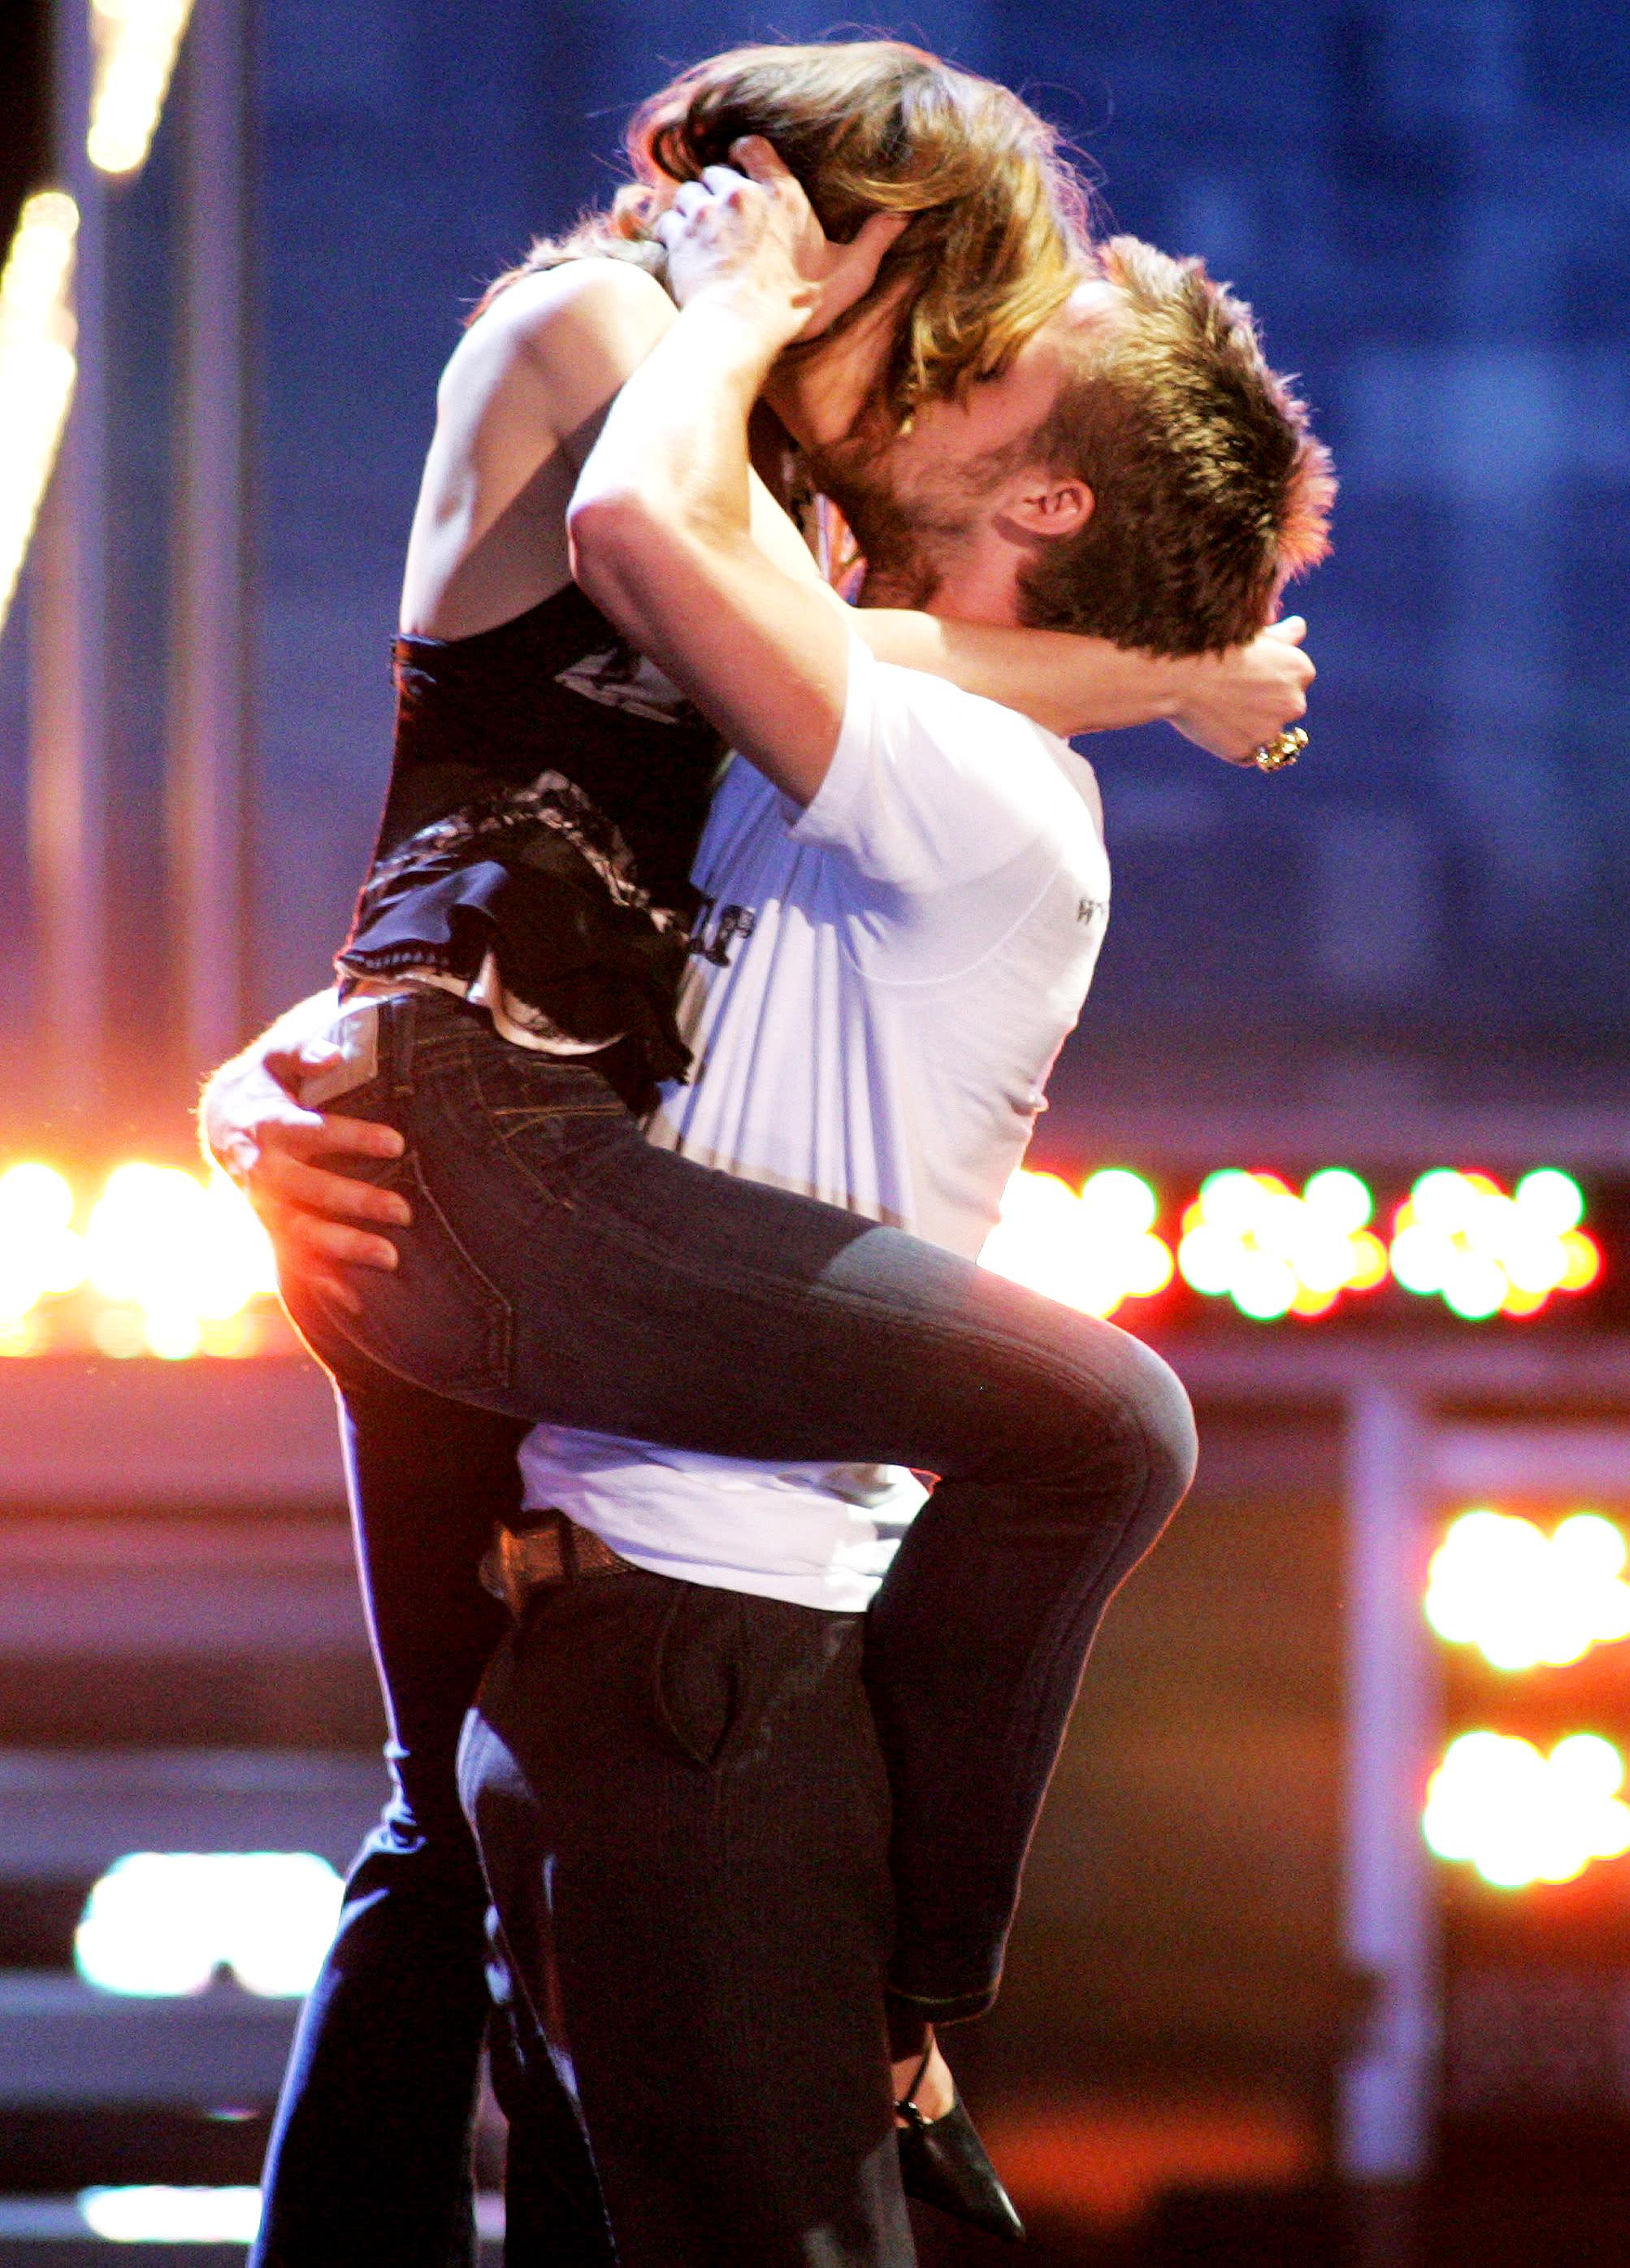 для самые известные поцелуи фото оригинального